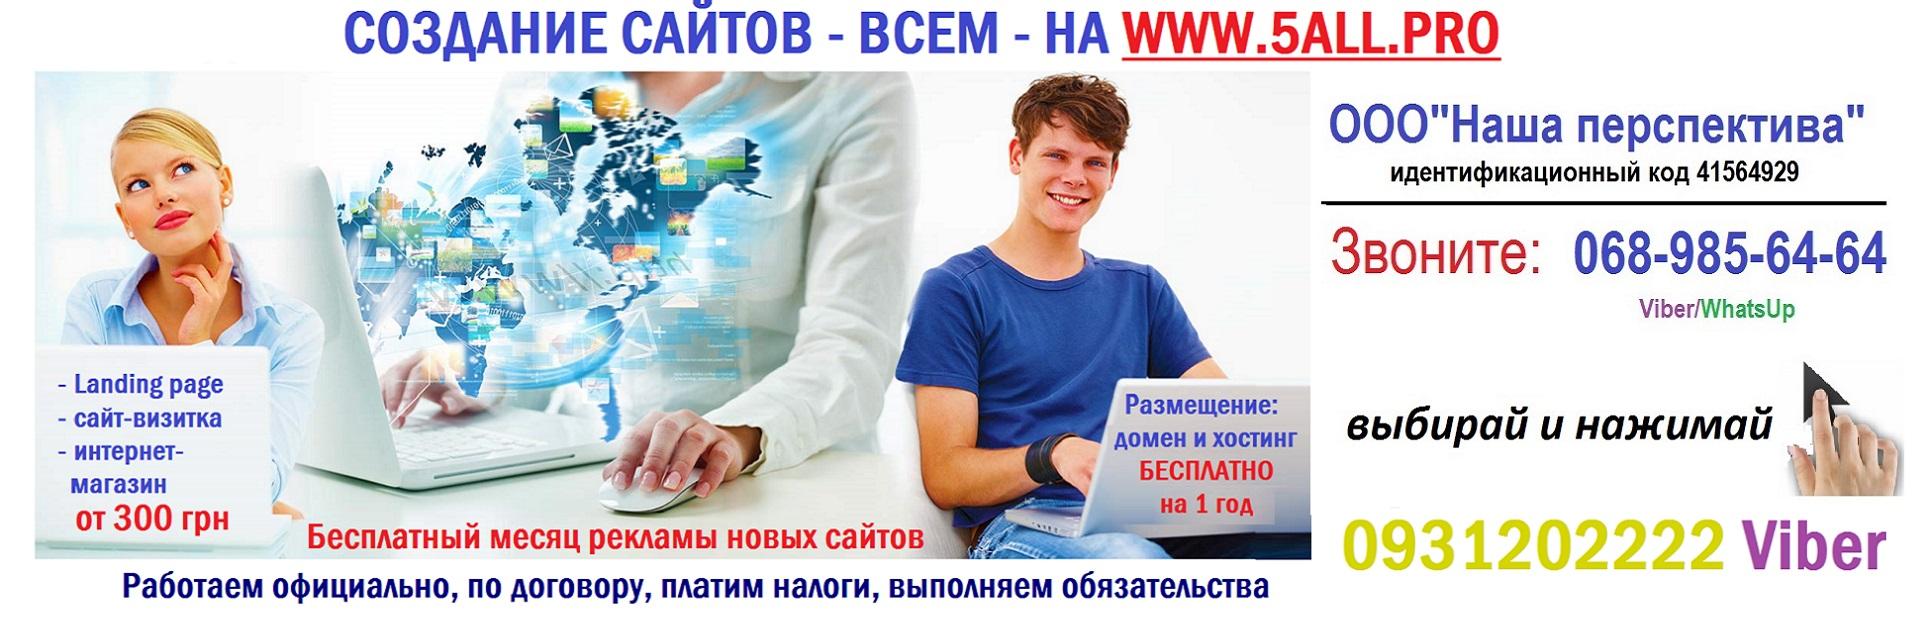 Создание сайтов Кривой Рог, заказать сайт для бизнеса